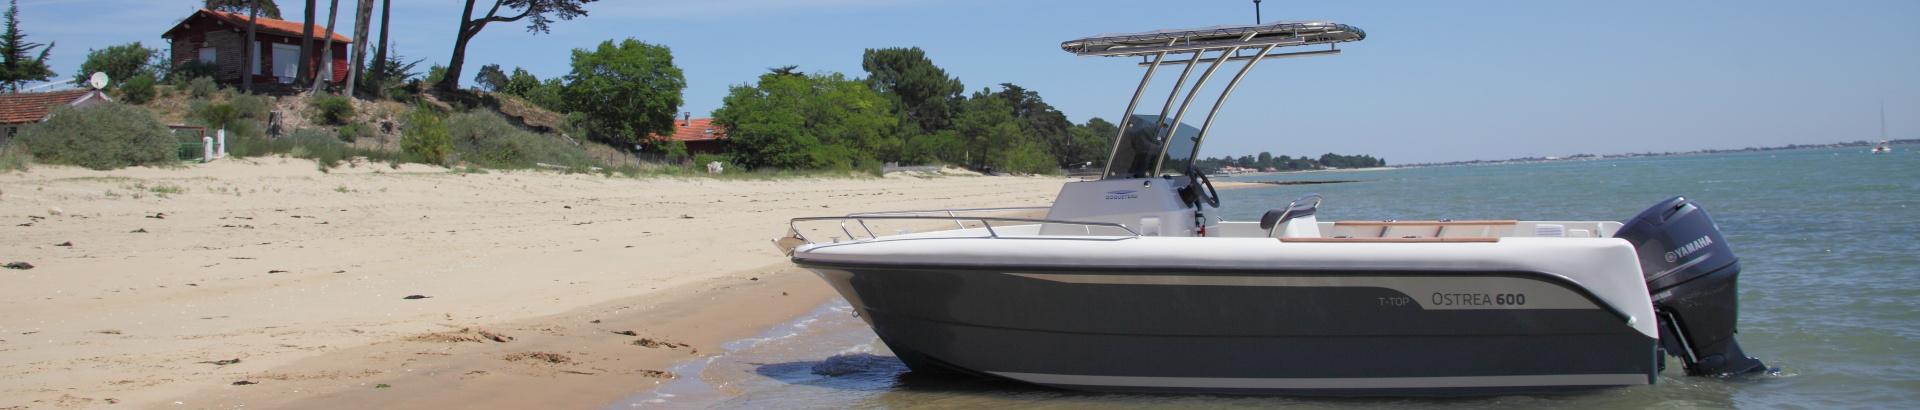 Pescador de casualidad los ve cojiendo - 5 4